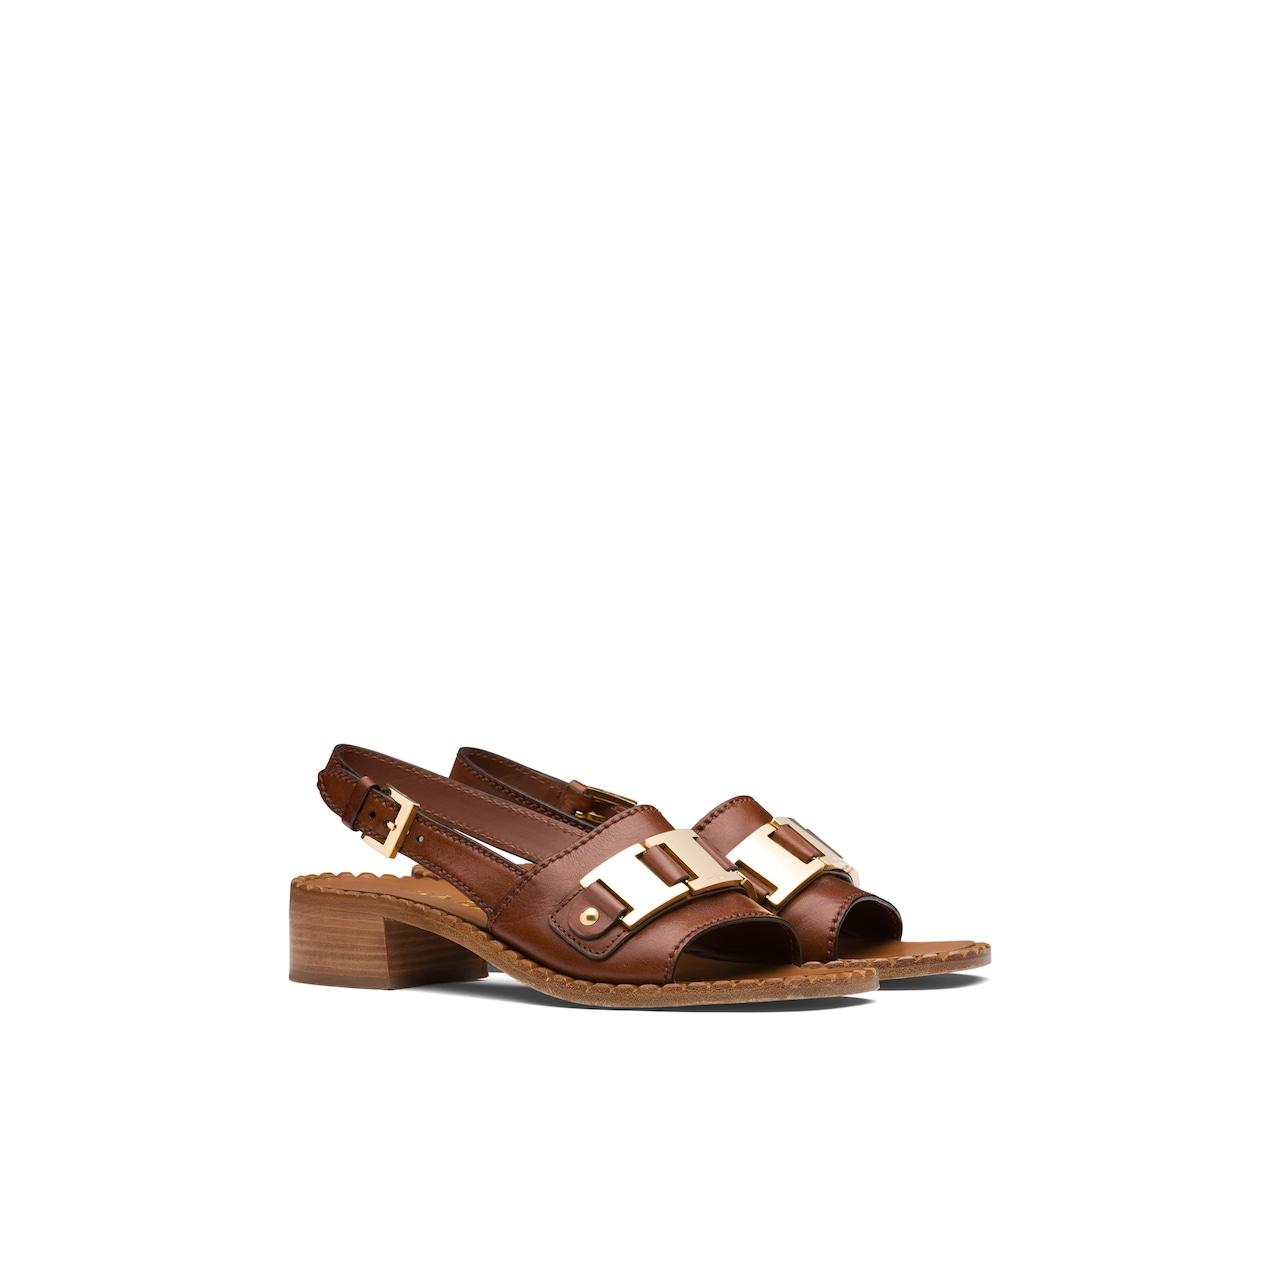 Prada 皮革凉鞋 1